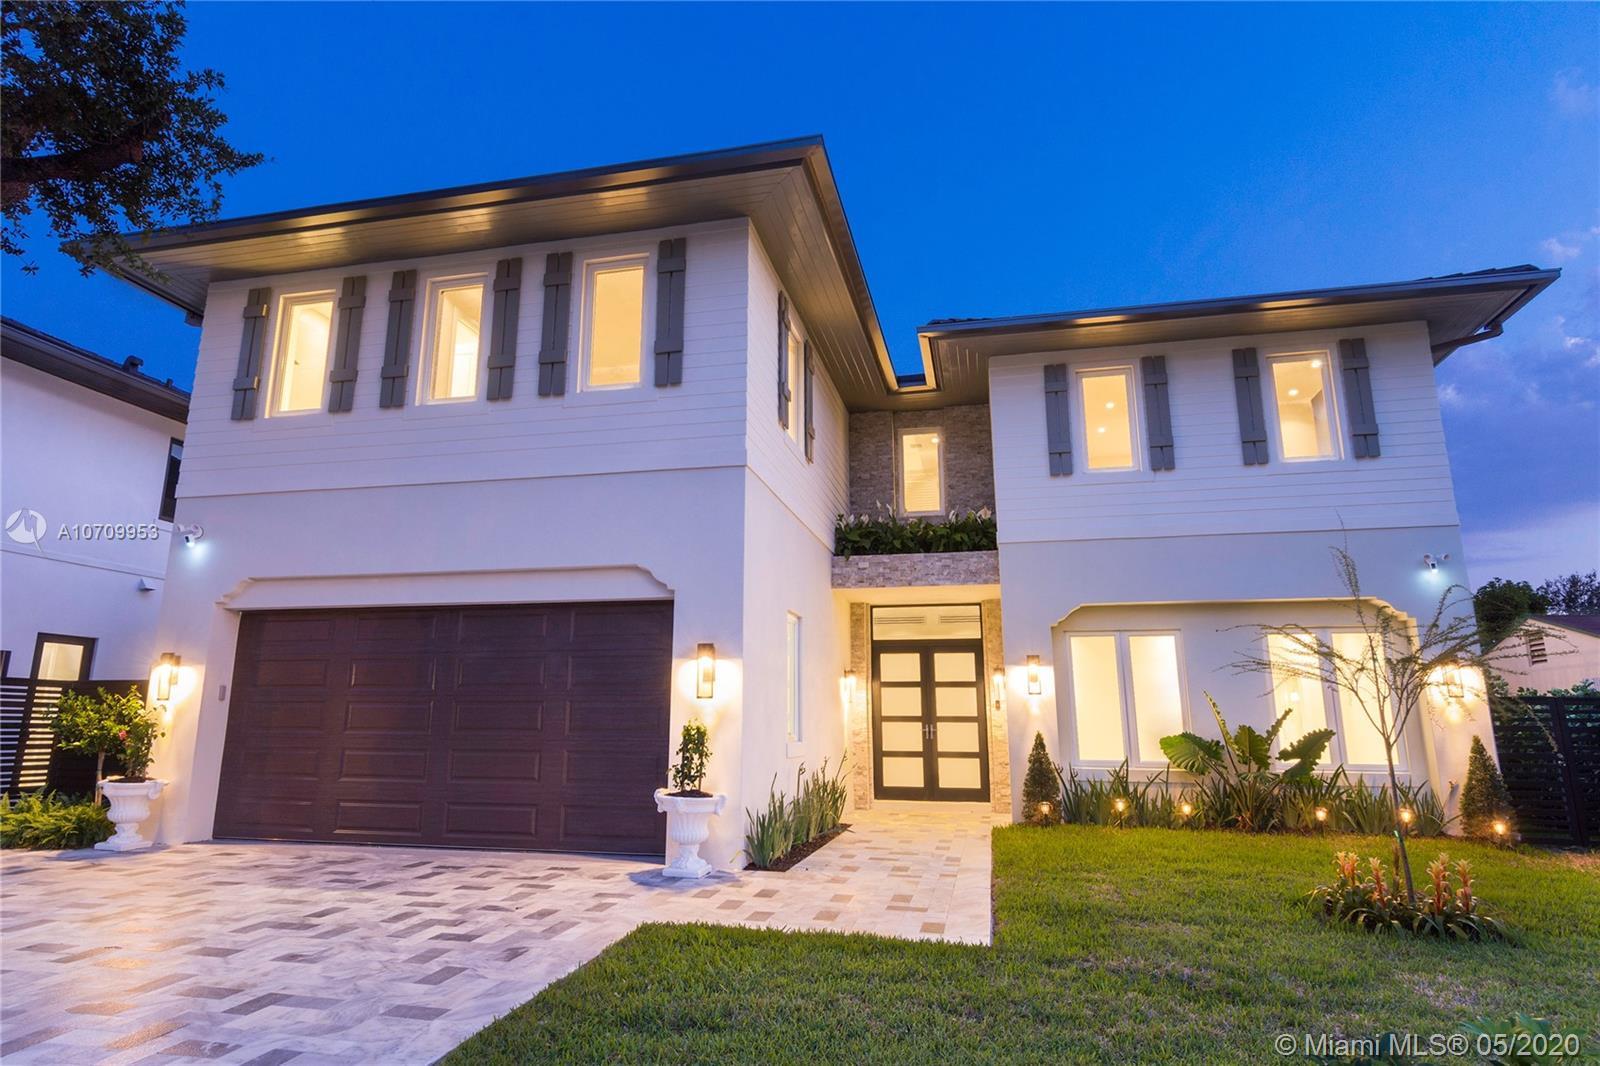 5712 Devonshire Blvd, Miami FL 33155